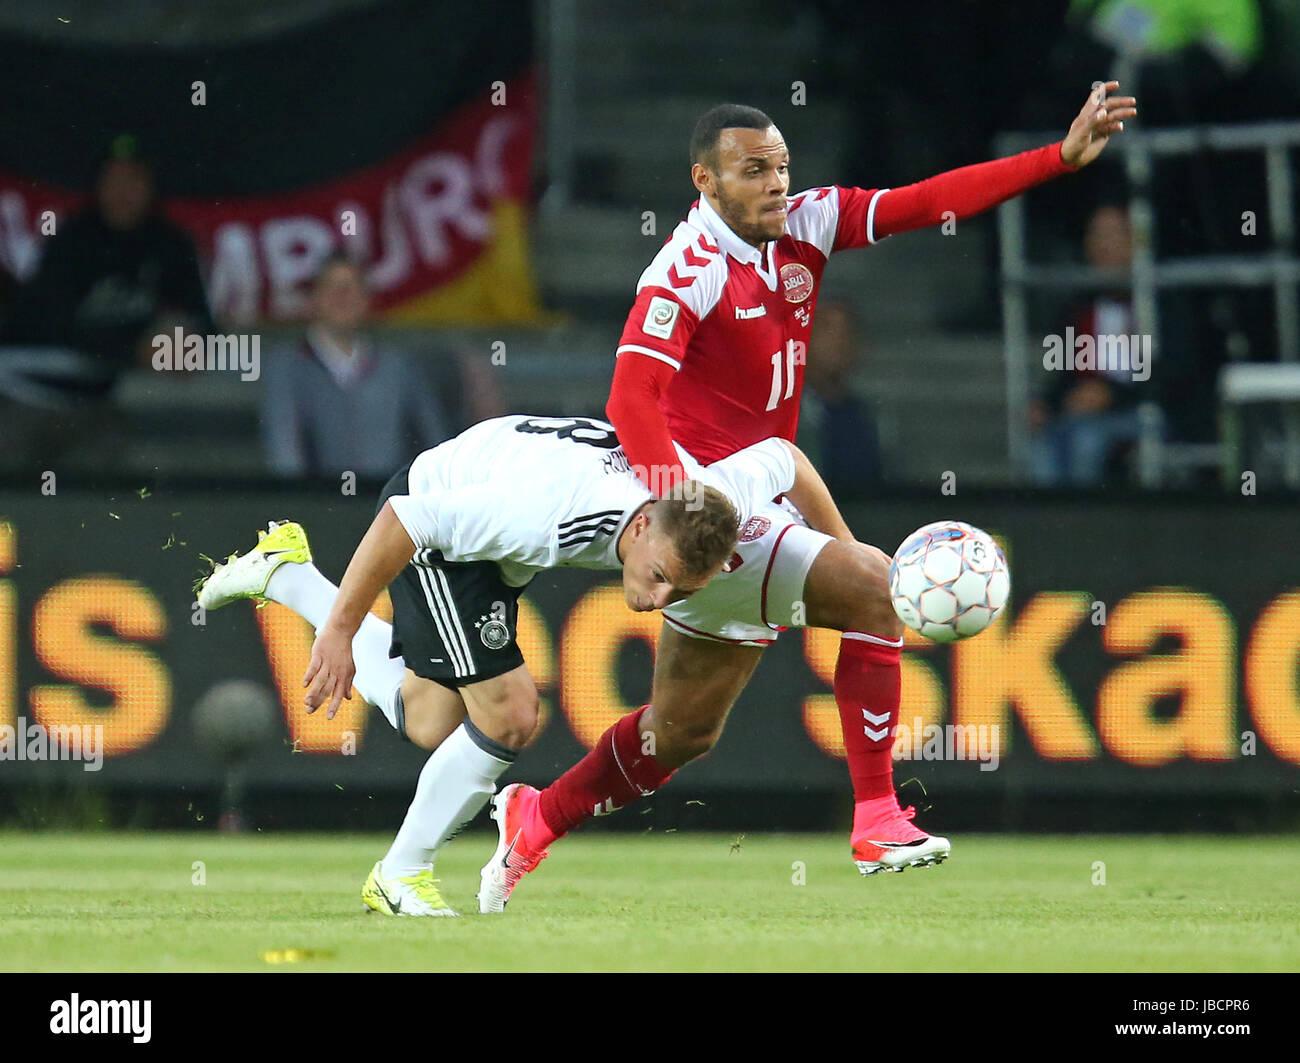 06.06.2017, Fussball Länderspiel, Dänemark - Deutschland, in Brondby Stadion Kopenhagen, v.l. Joshua Kimmich (Deutschland) Stock Photo